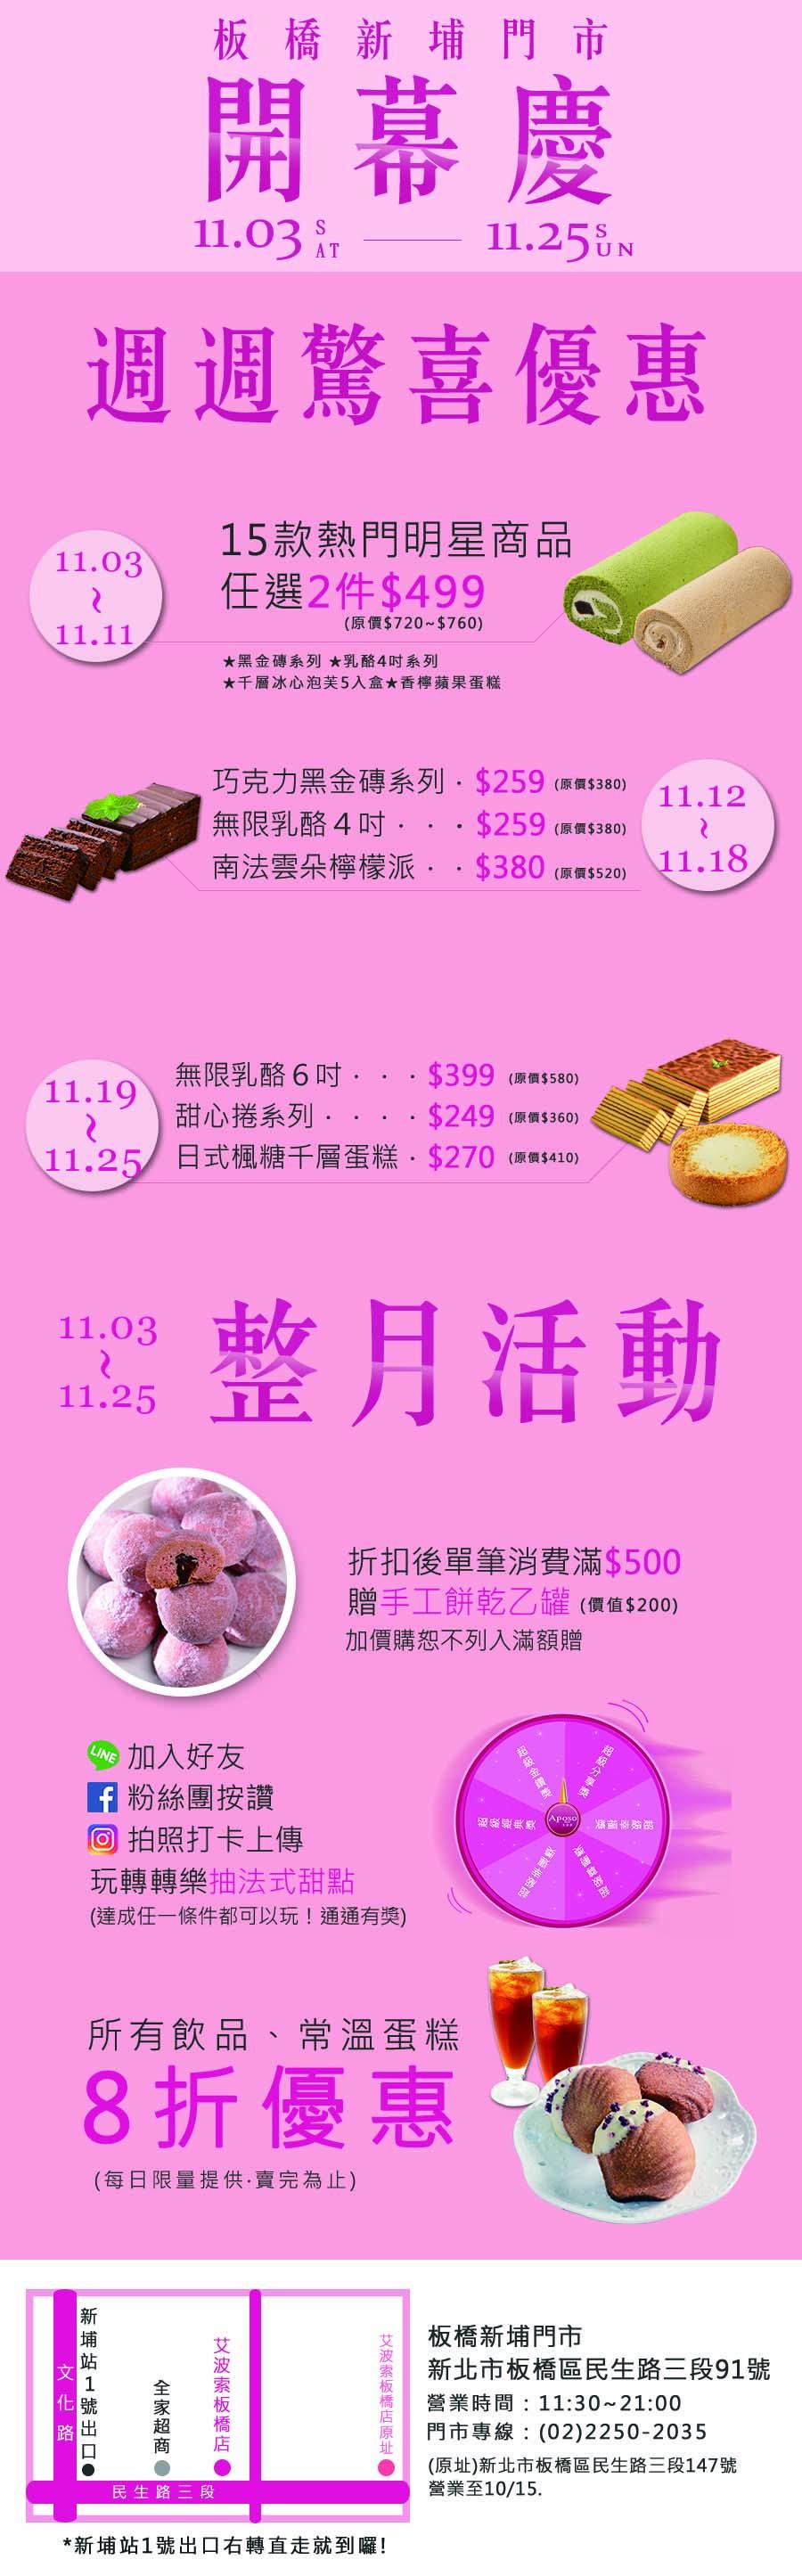 艾波索法式甜點 彌月蛋糕,生日蛋糕,伴手禮,小熊學校,宅配,三峽美食,團購,黑金磚,